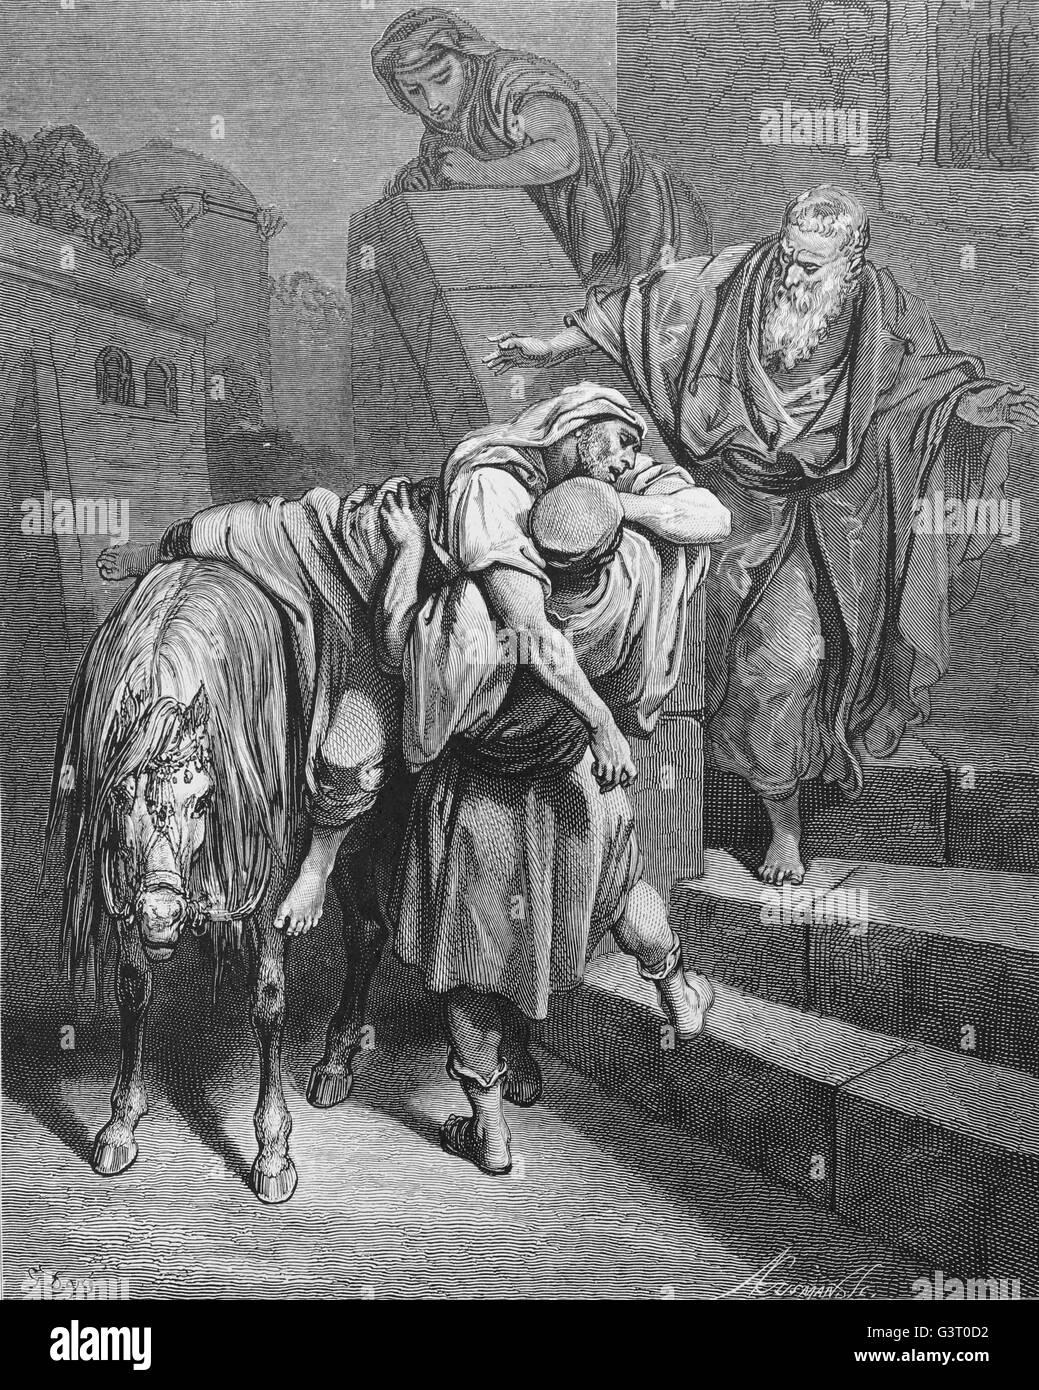 Arrivo del buon samaritano all'inn. Luca 10:34. Incisione di Gustave Dore. Xix secolo. Immagini Stock